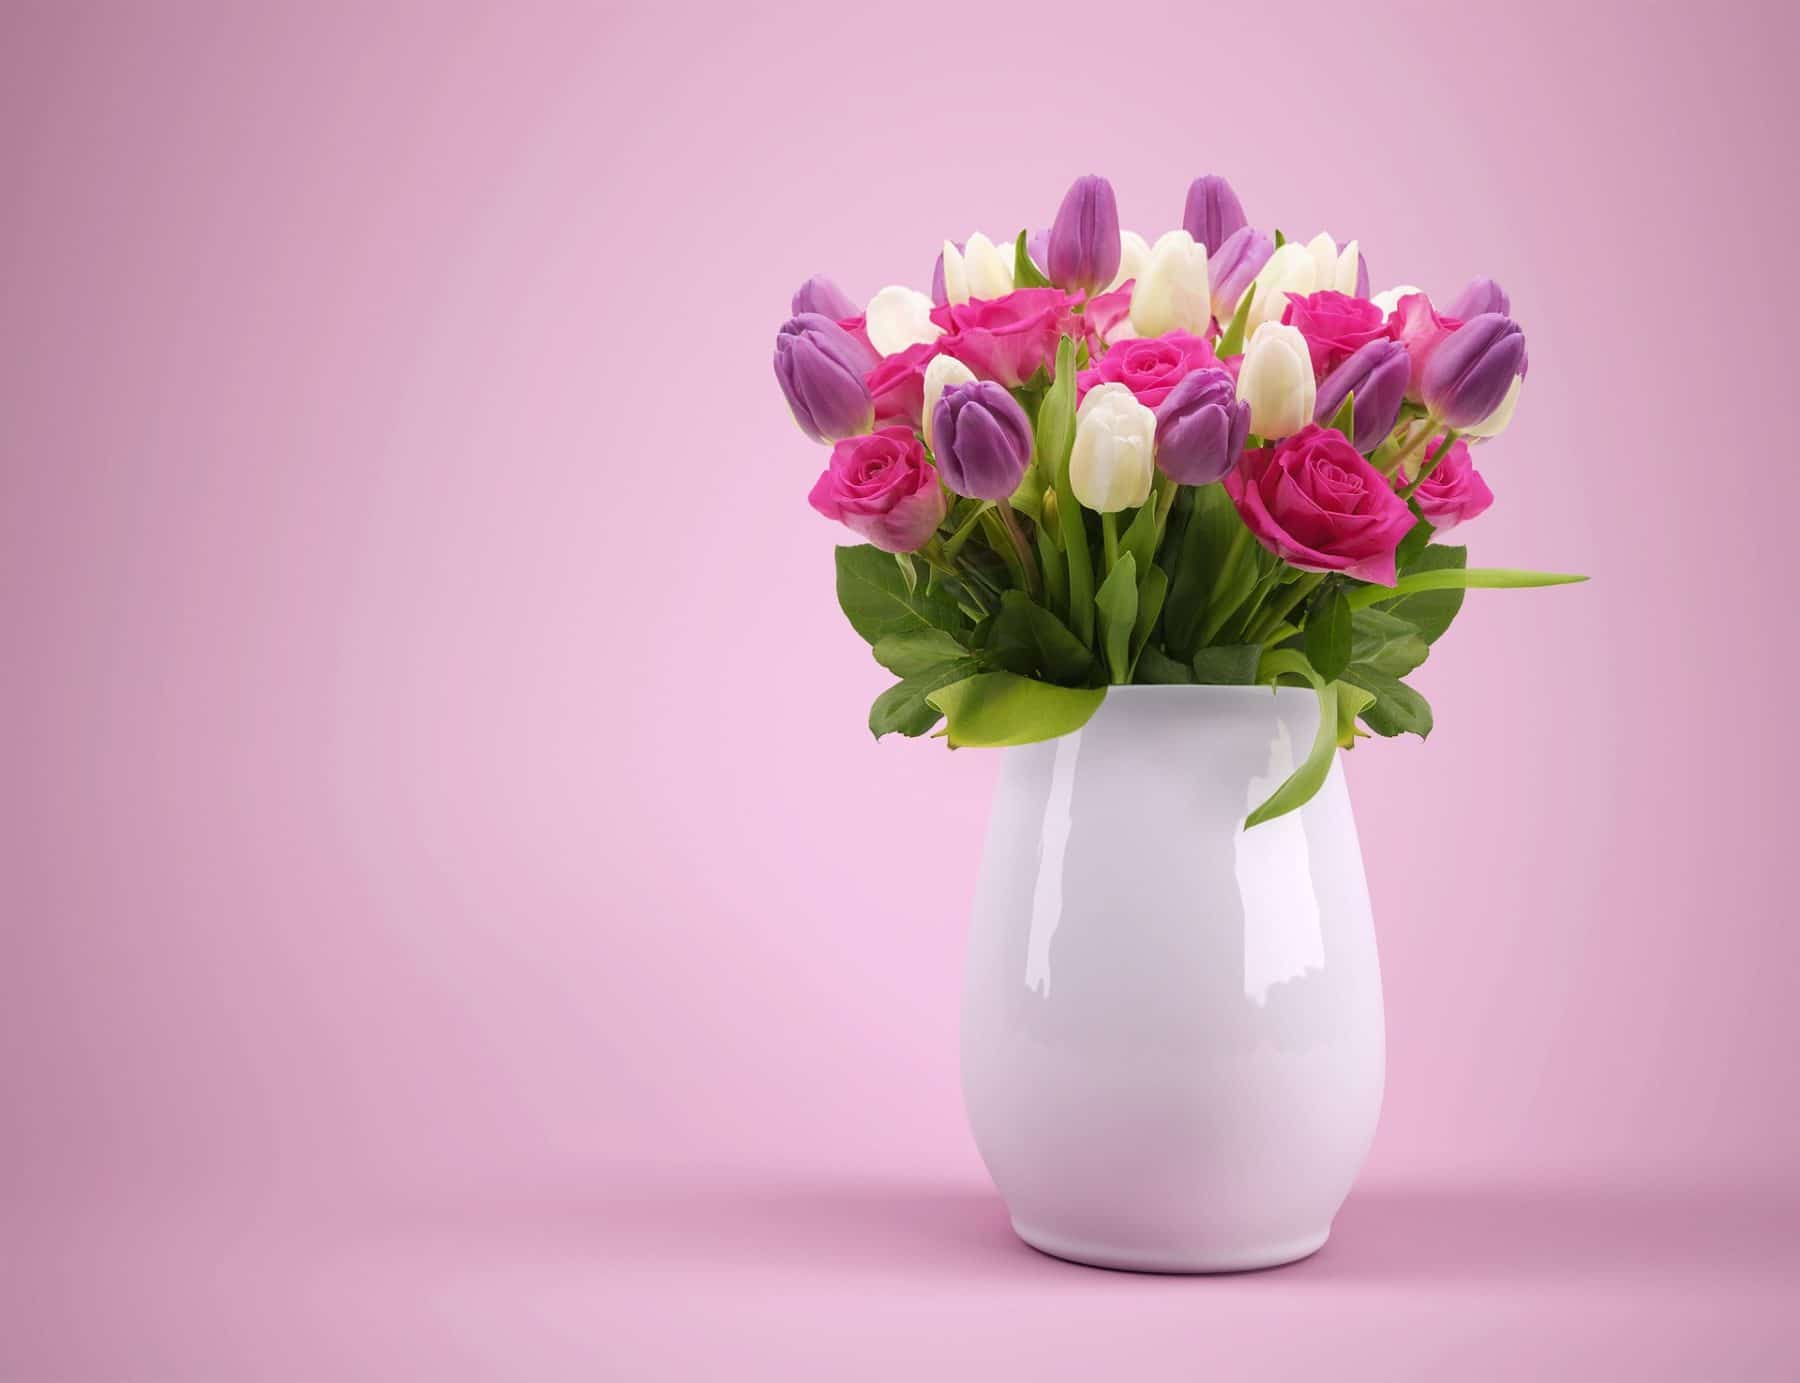 10 Tipps Wie Blumenstrausse Langer Frisch Halten